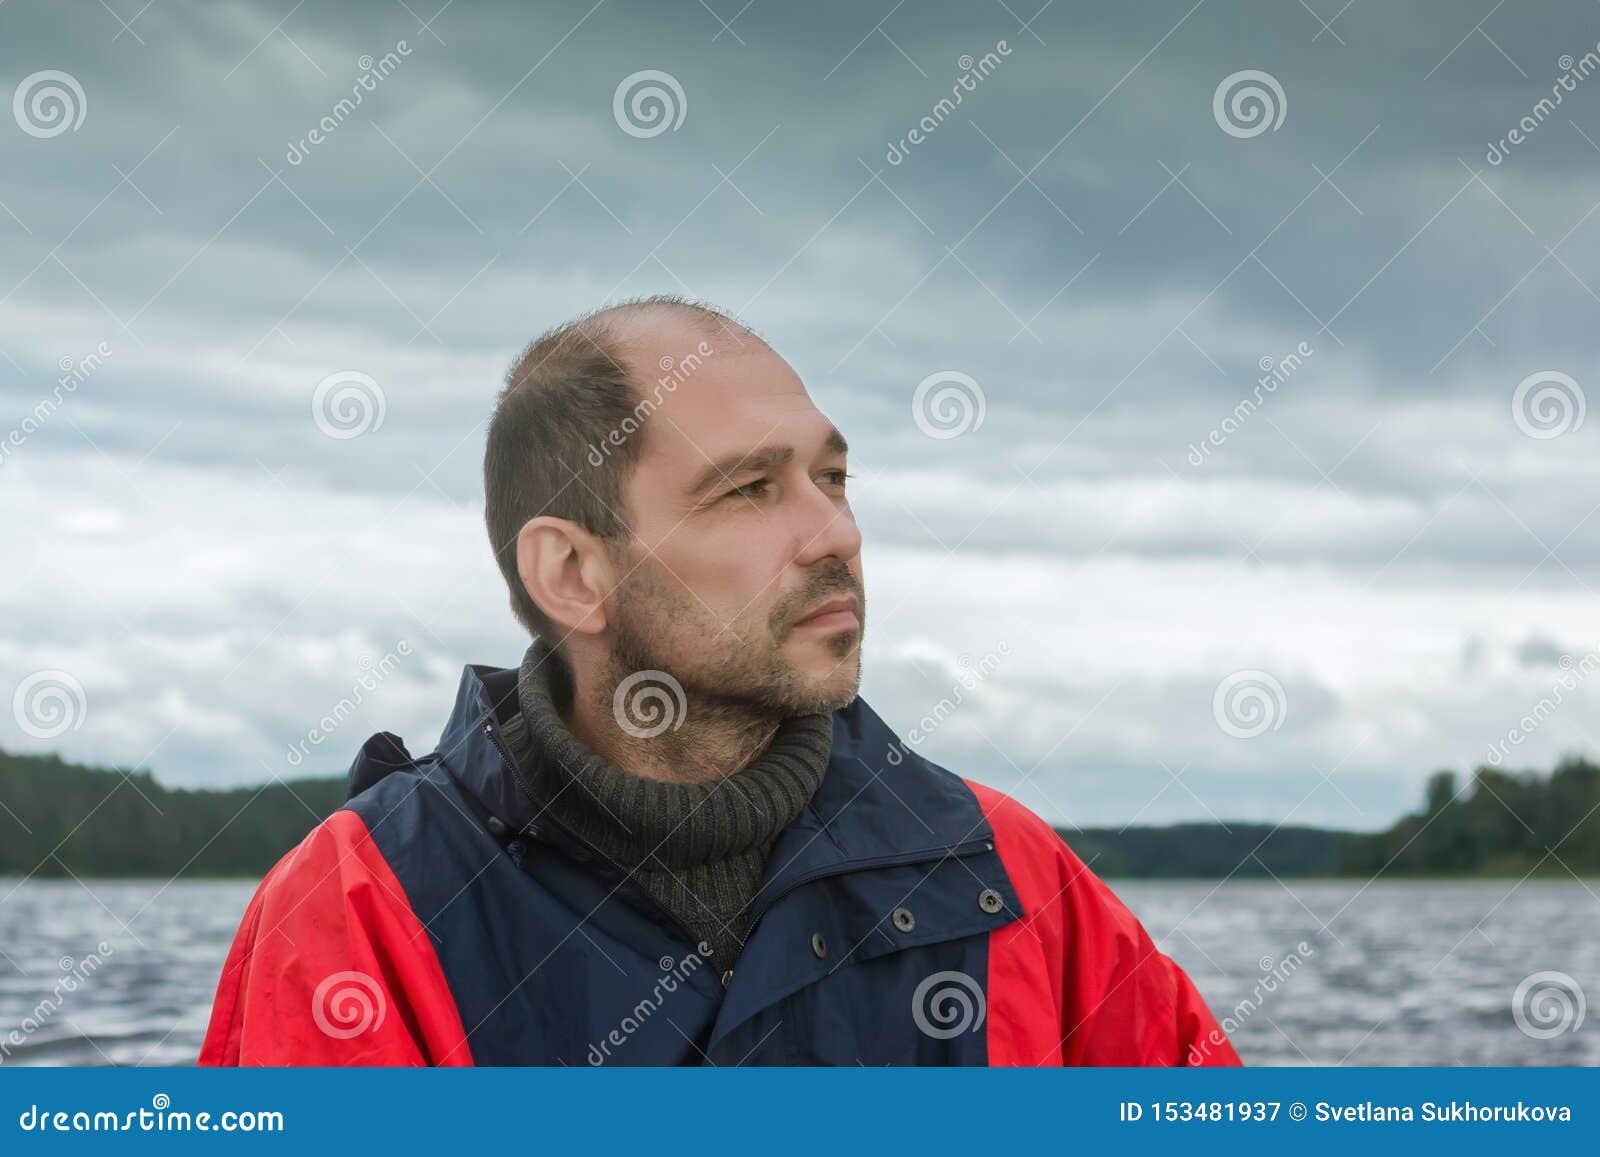 Retrato conceptual de un hombre barbudo pensativo contra un cielo cubierto